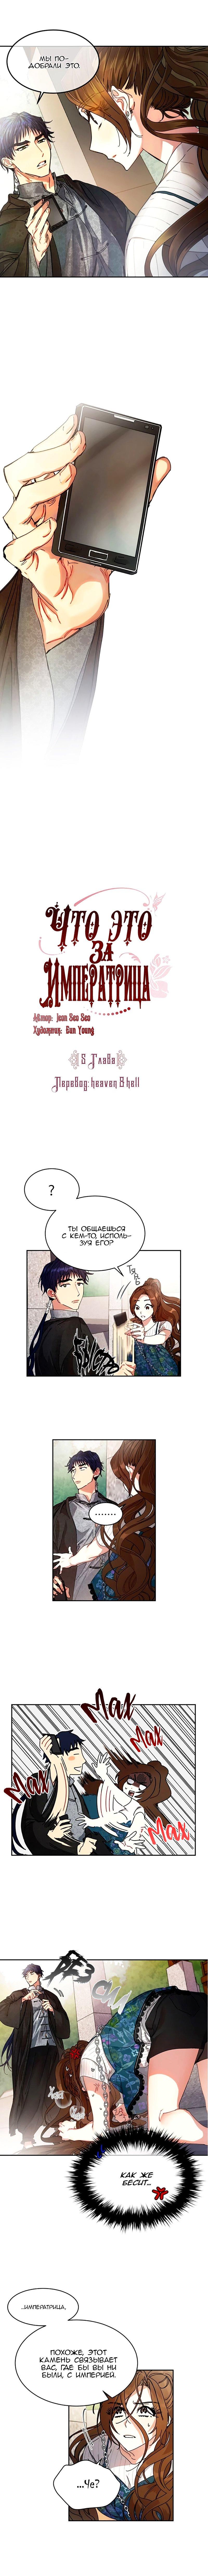 Манга Что это за императрица? - Глава 5 Страница 1